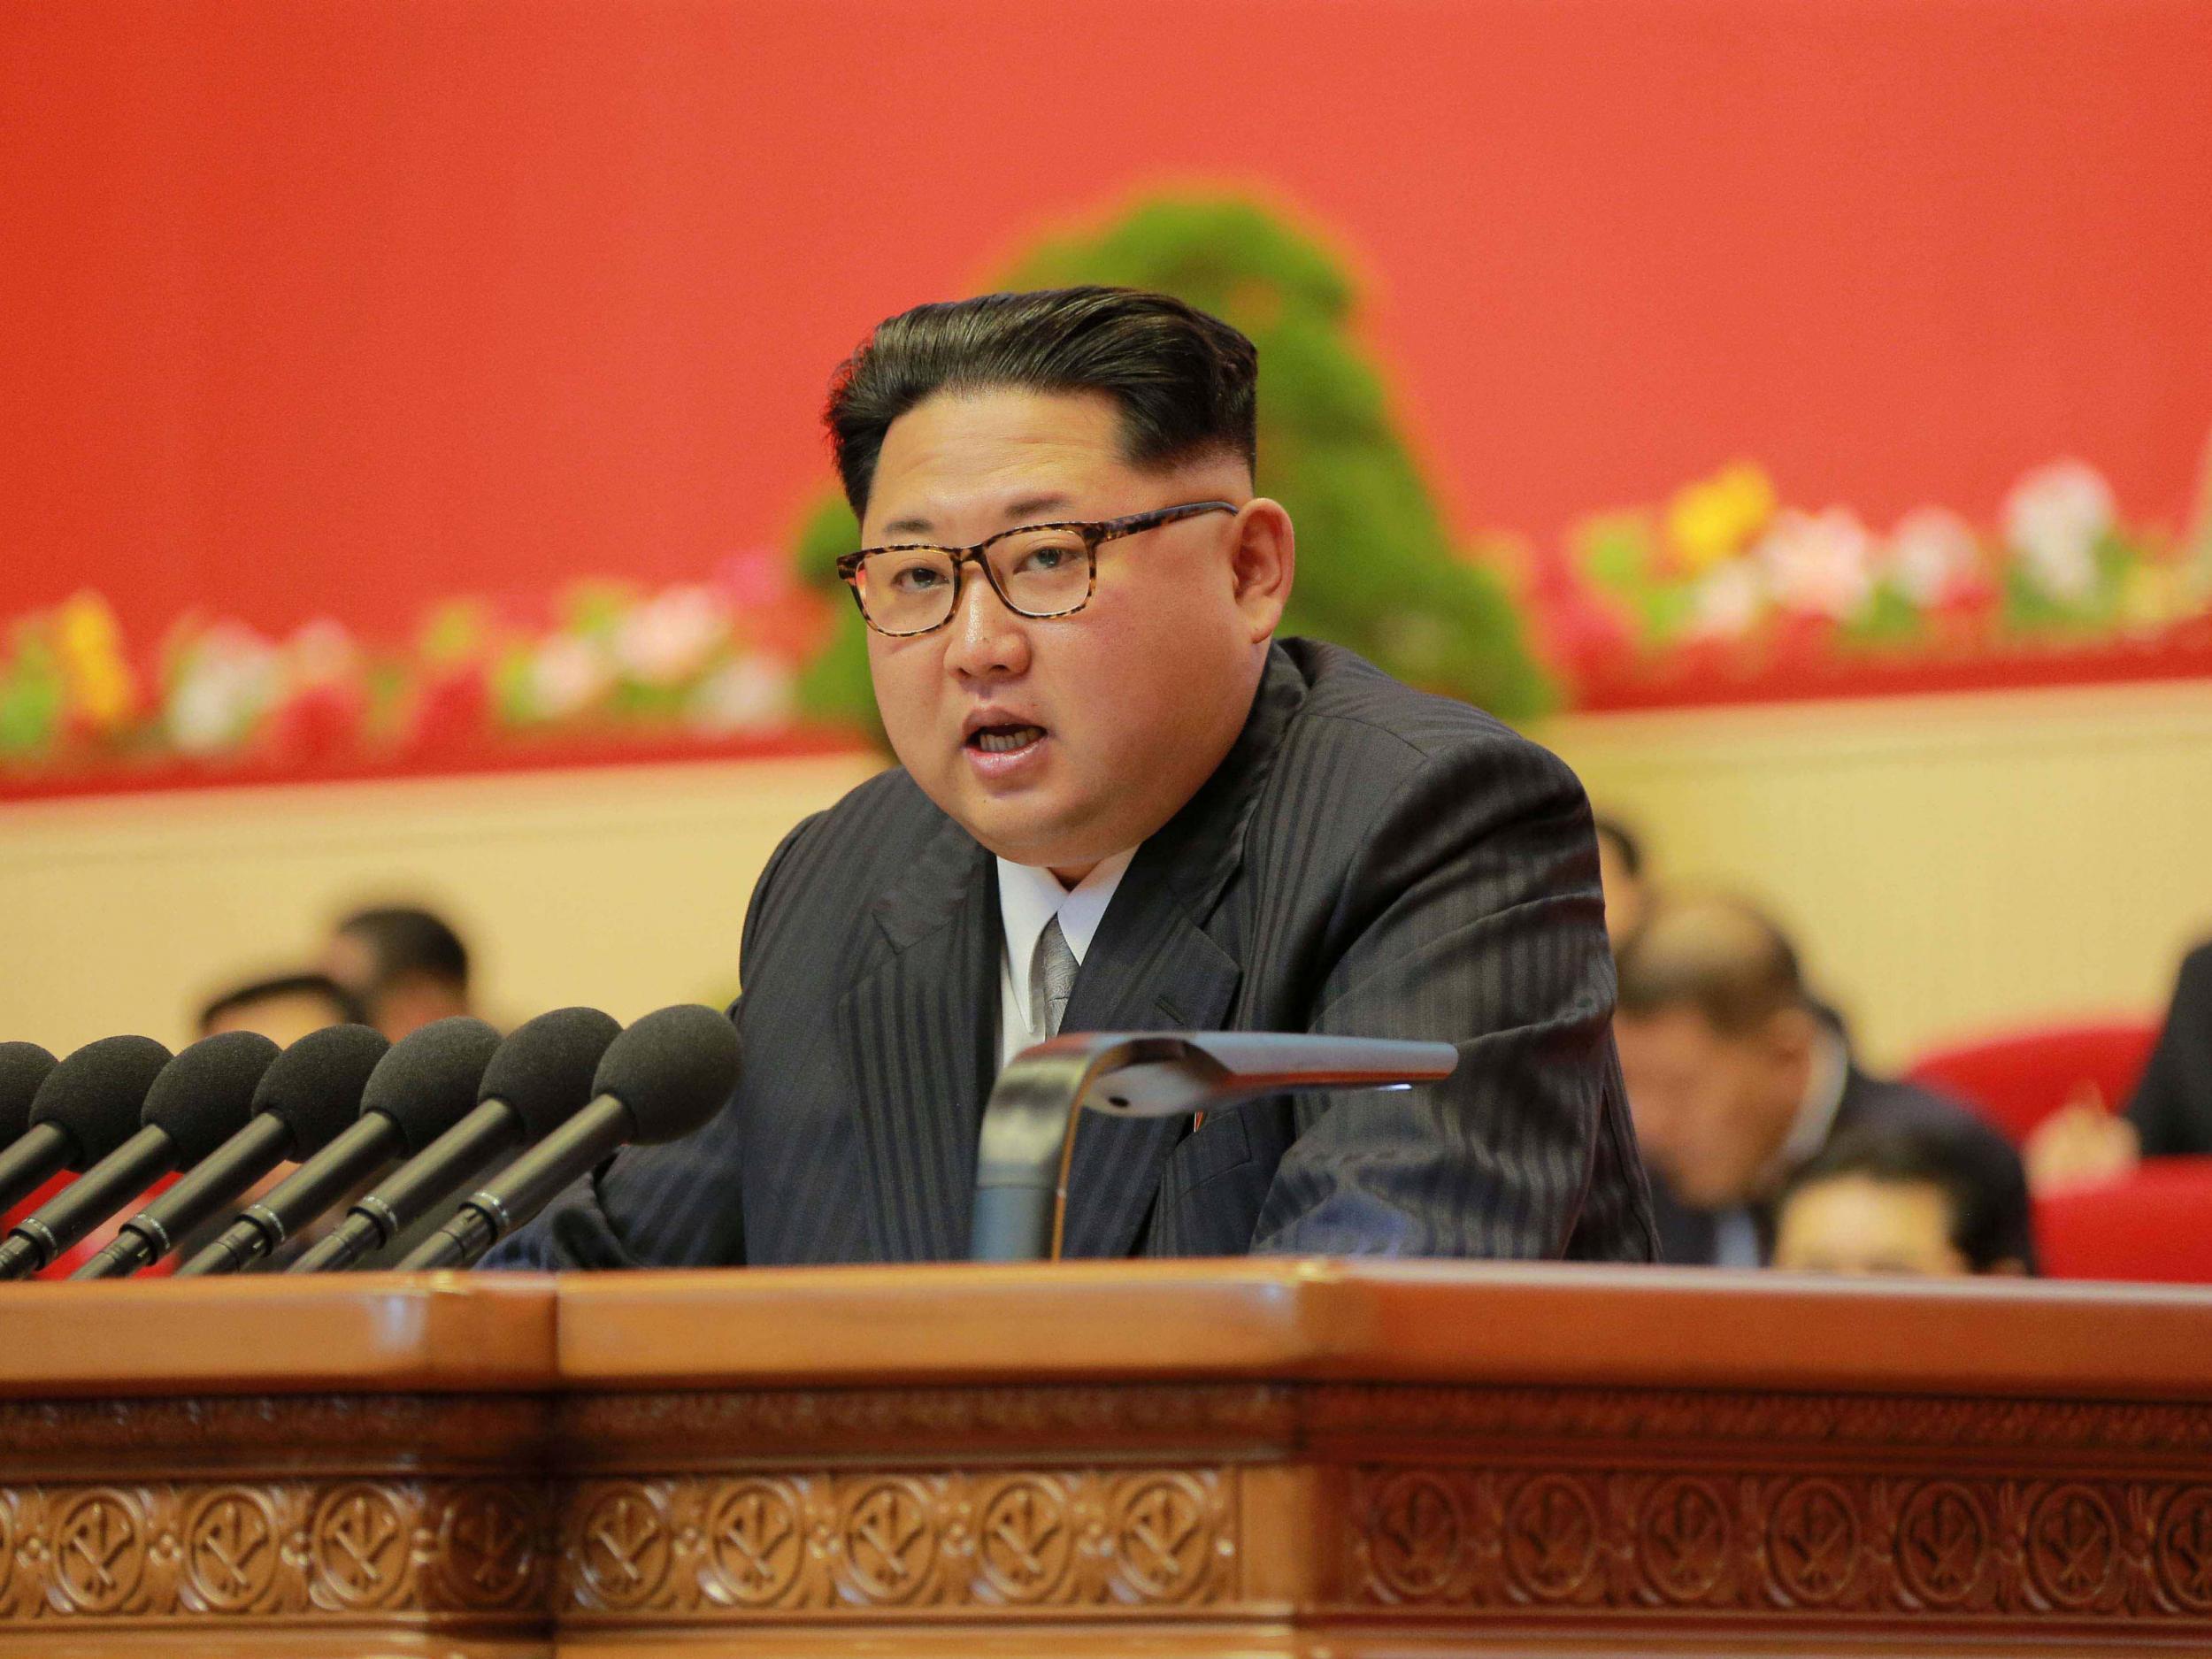 Corea del Sud vuole morte Kim Jong un